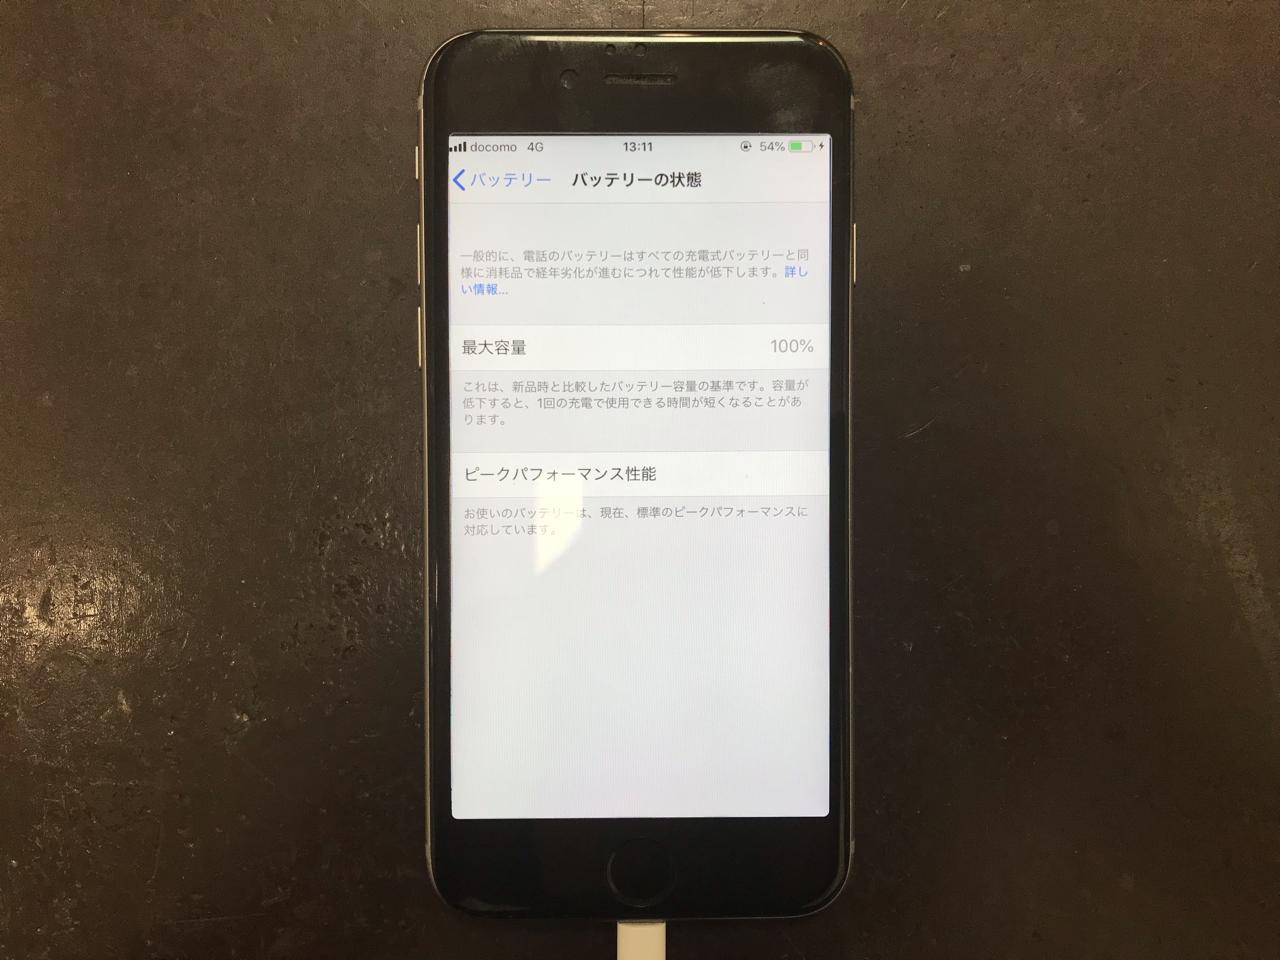 70b3c0f5-5e6e-4166-85f3-deb51068ae9d_1557659438_-389006056 バッテリーが劣化してしまったiPhone6の修理をしました!